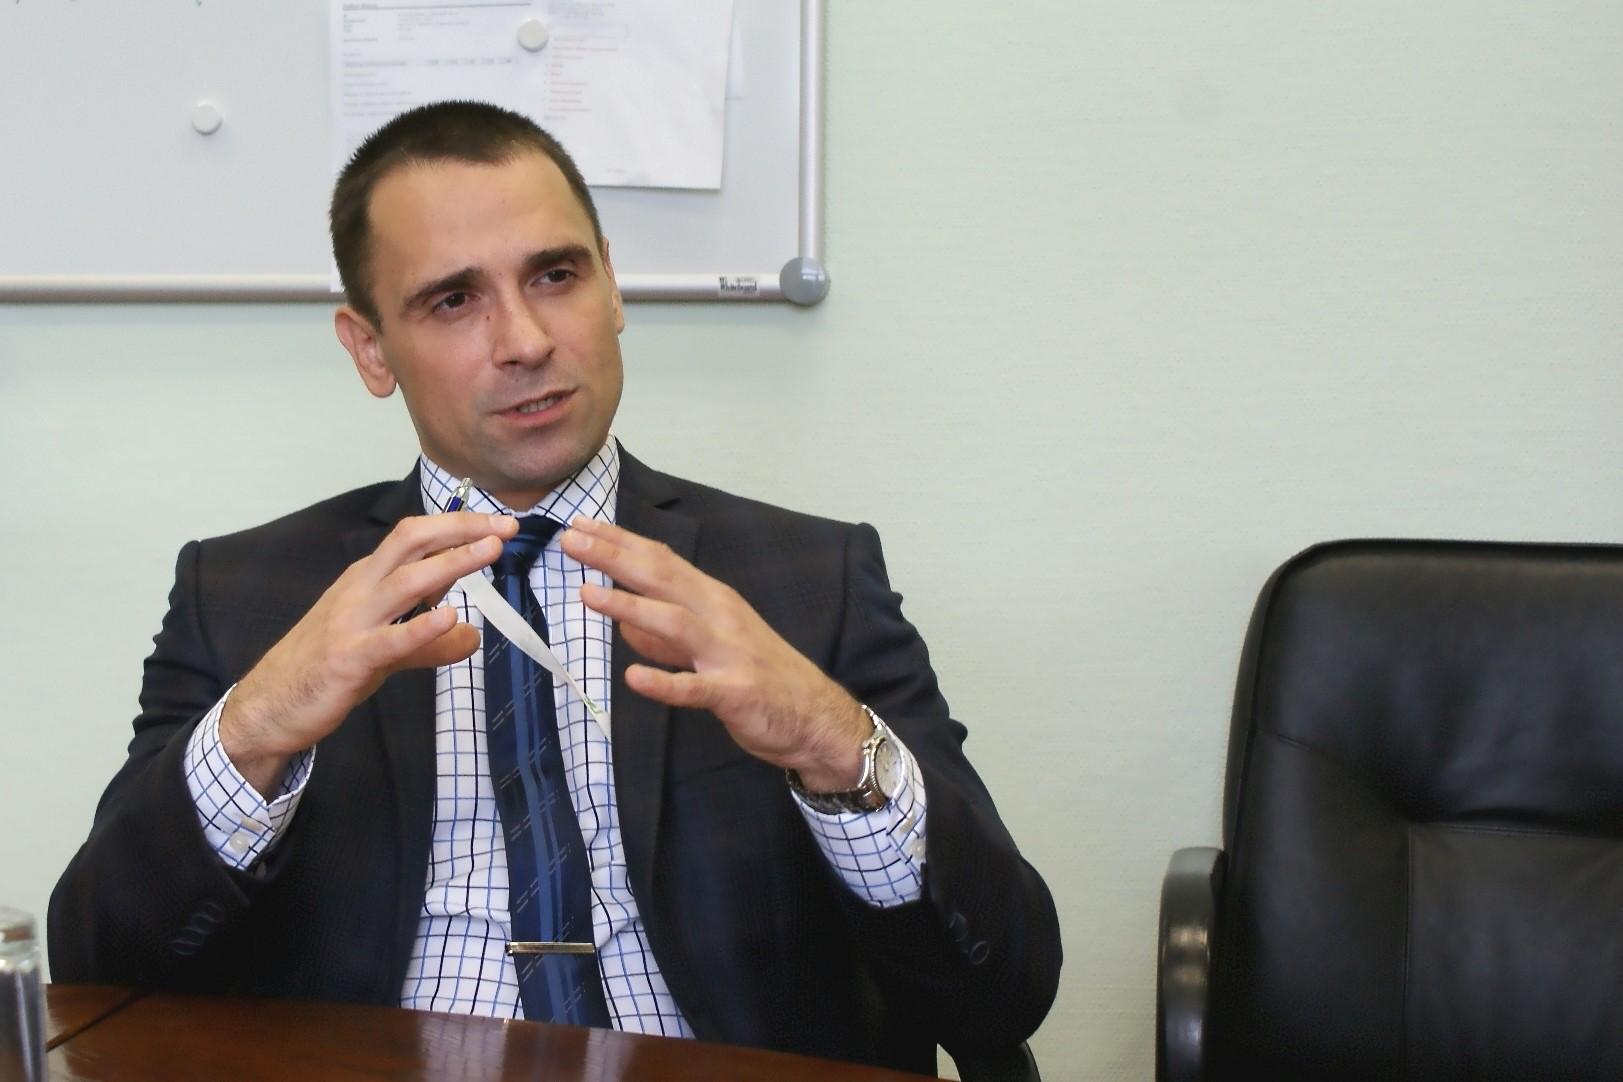 Владимир Эльманин, «Первоуральскбанк»: «Мы сможем стать вторыми после Сбербанка по РКО в Первоуральске» - «Интервью»